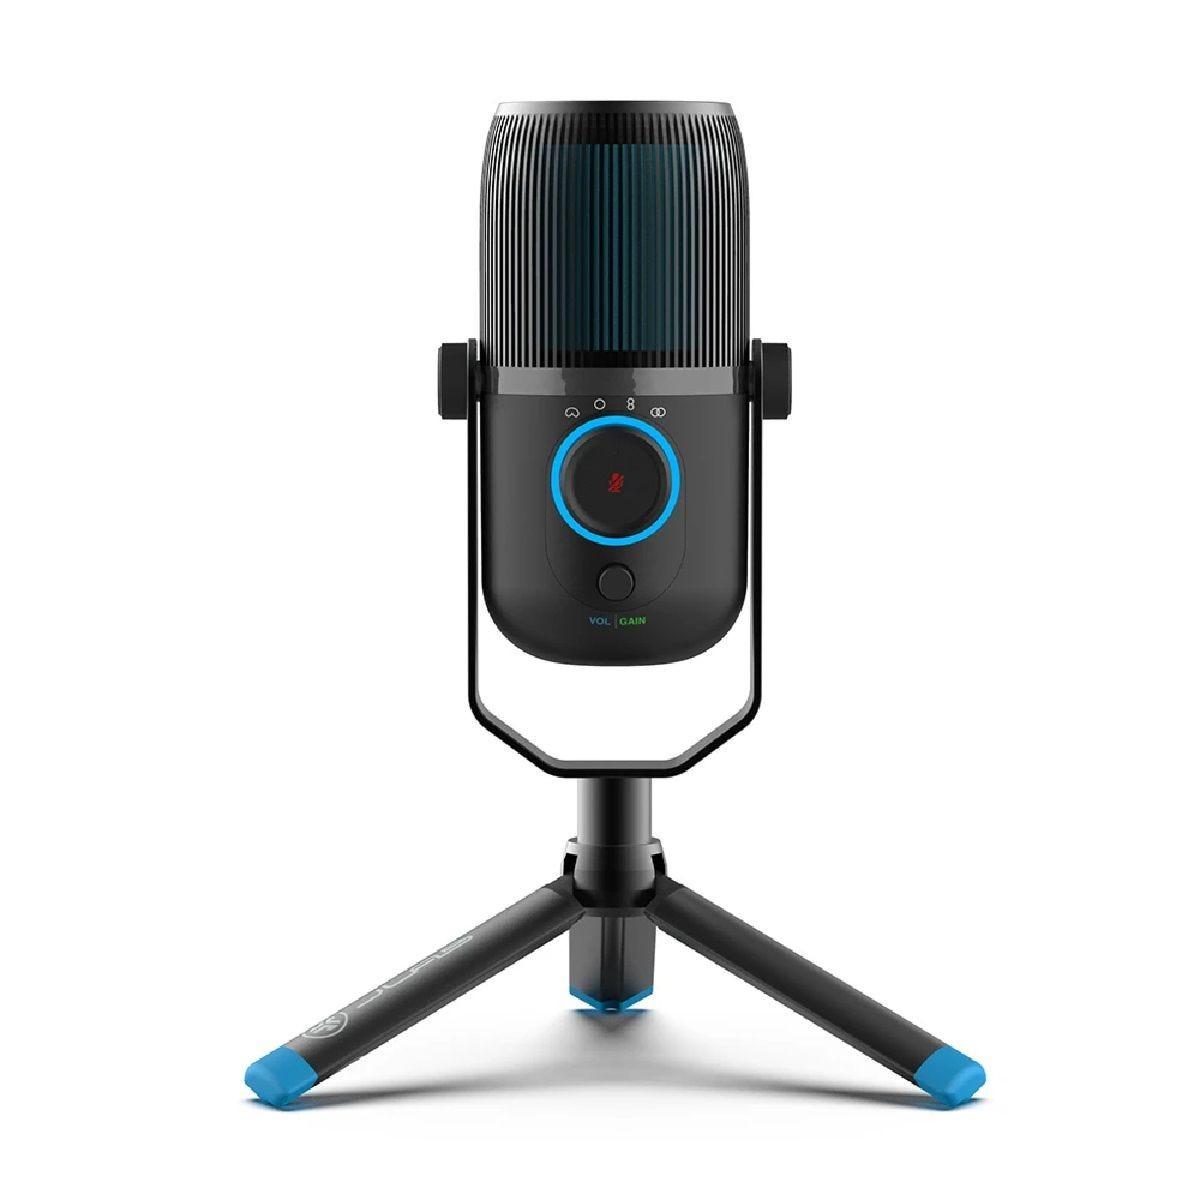 JLab Talk USB Microphone - Black/Blue